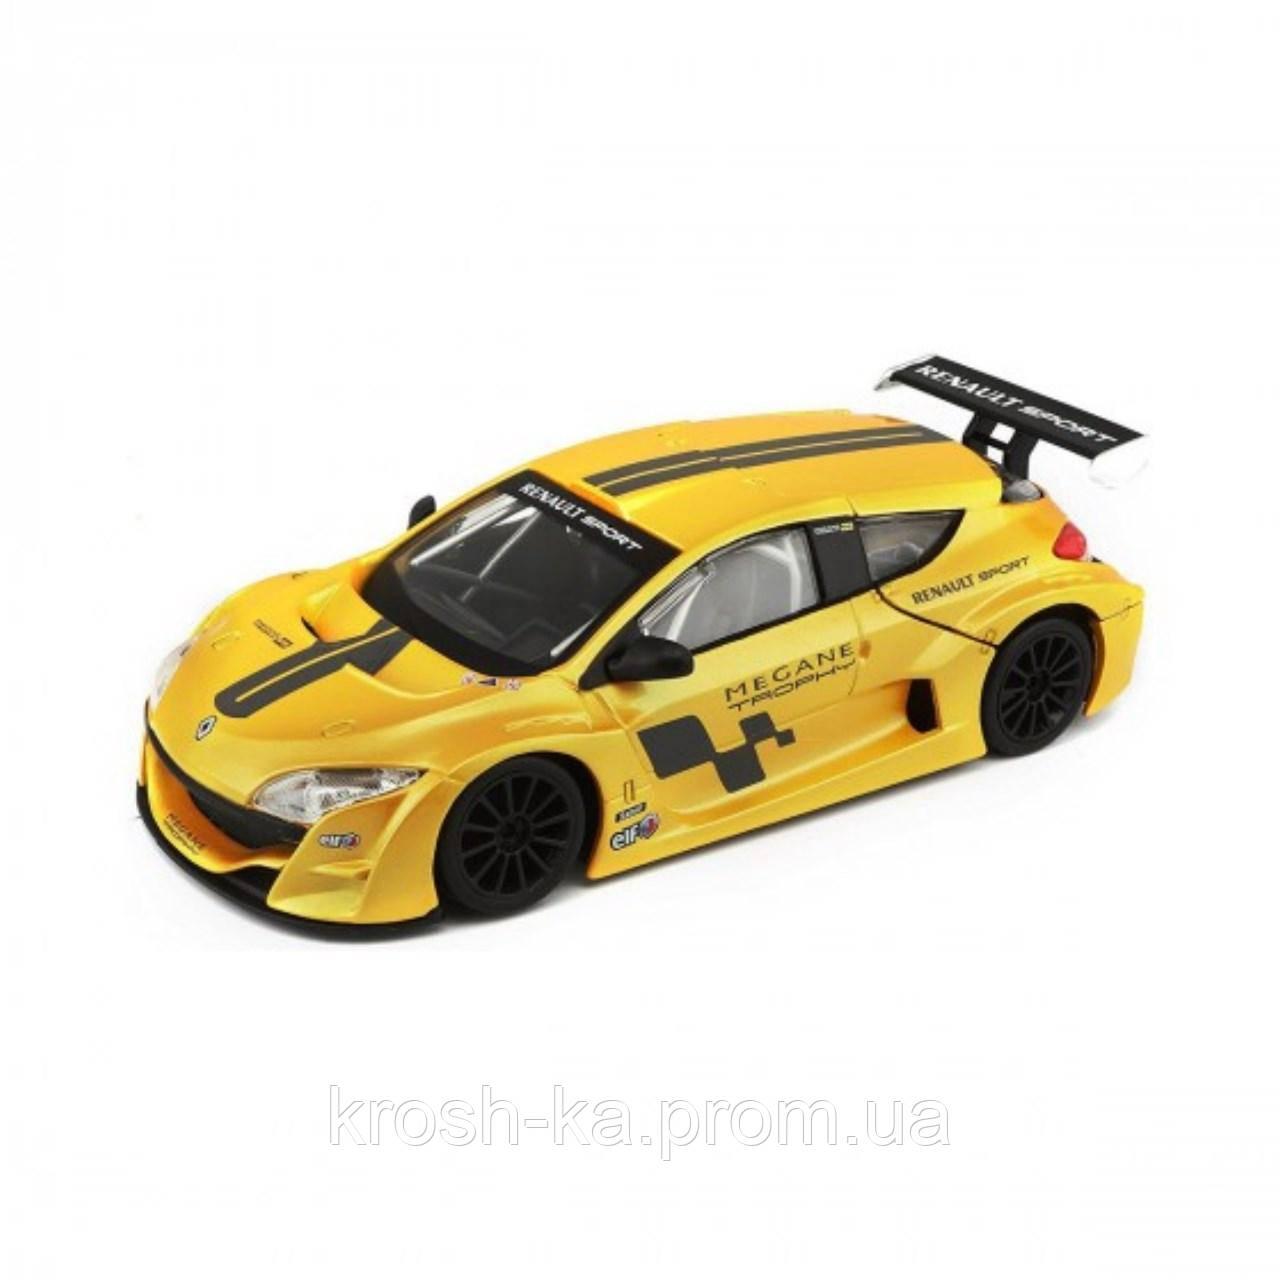 Машина детская Автомодель Renault Megane Trophy Burago 18-22116